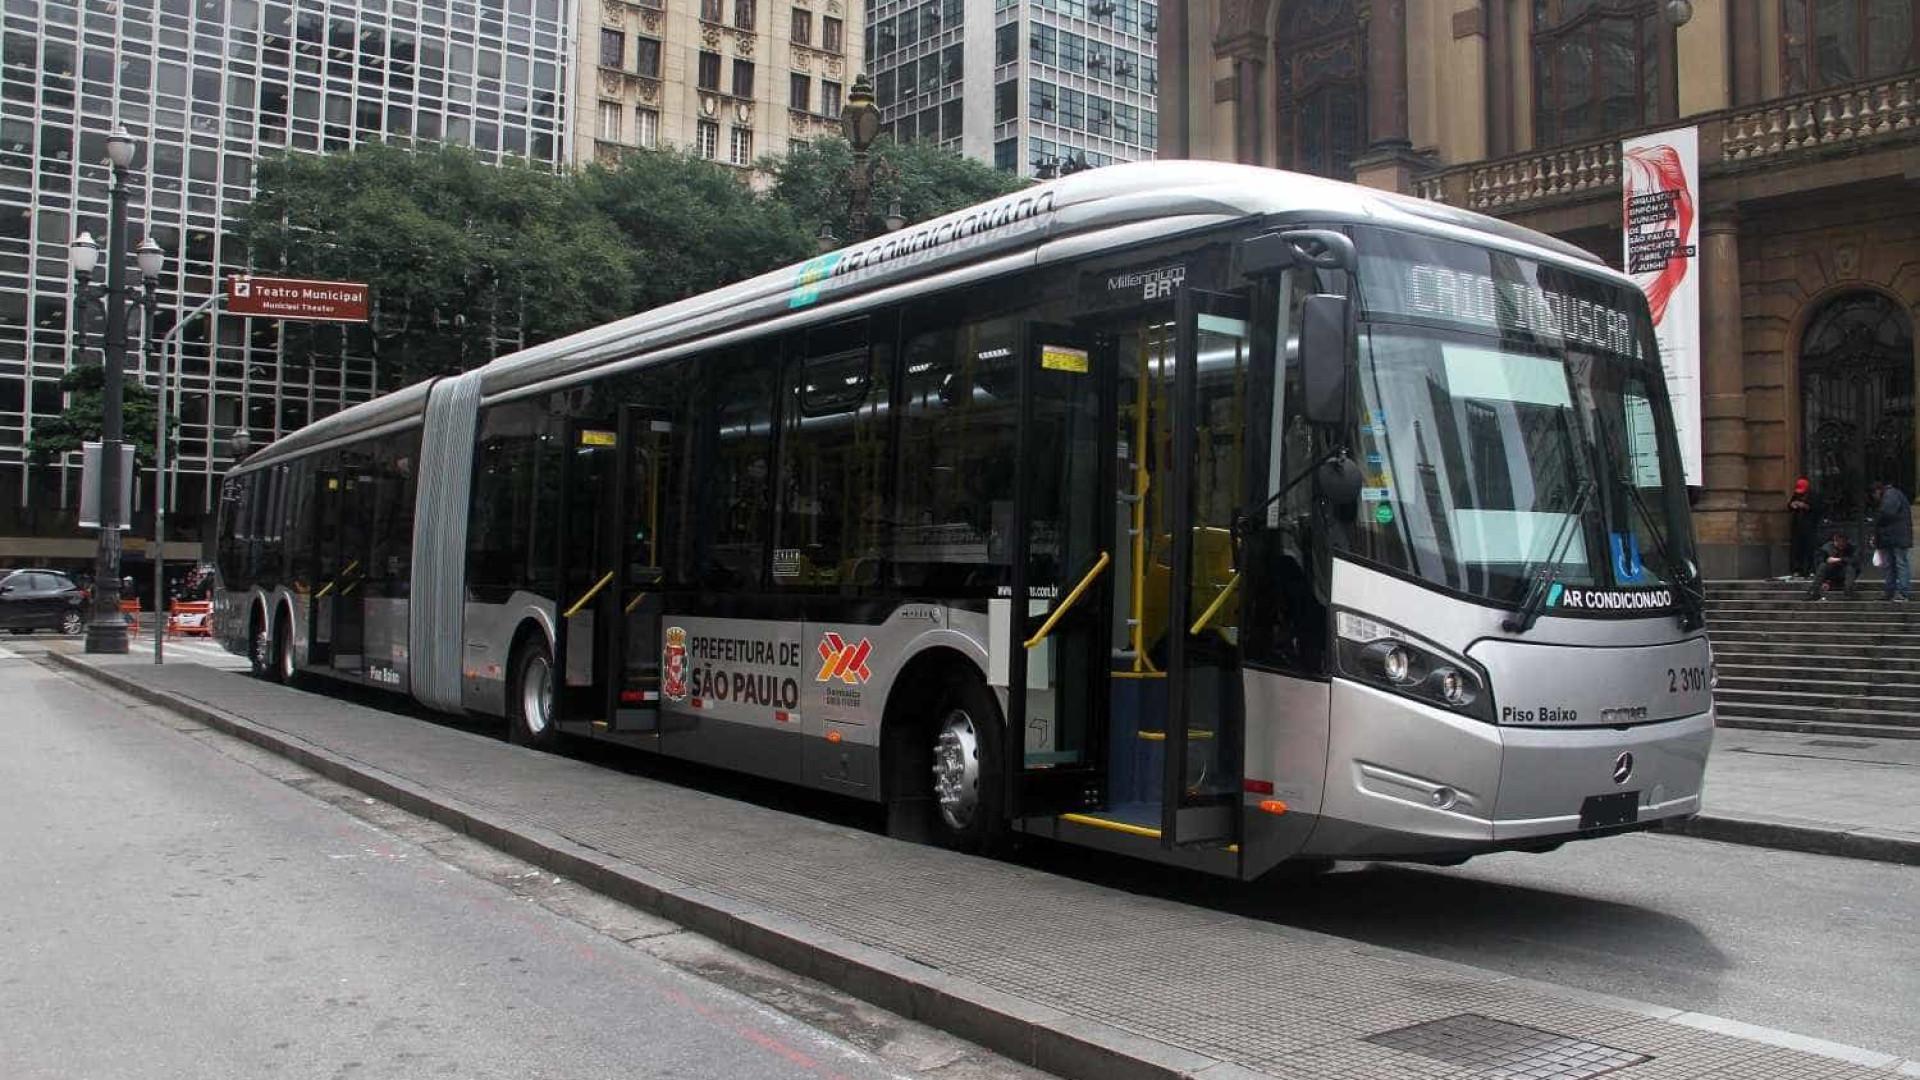 Justiça derruba liminar que suspendia aumento da tarifa de ônibus em SP